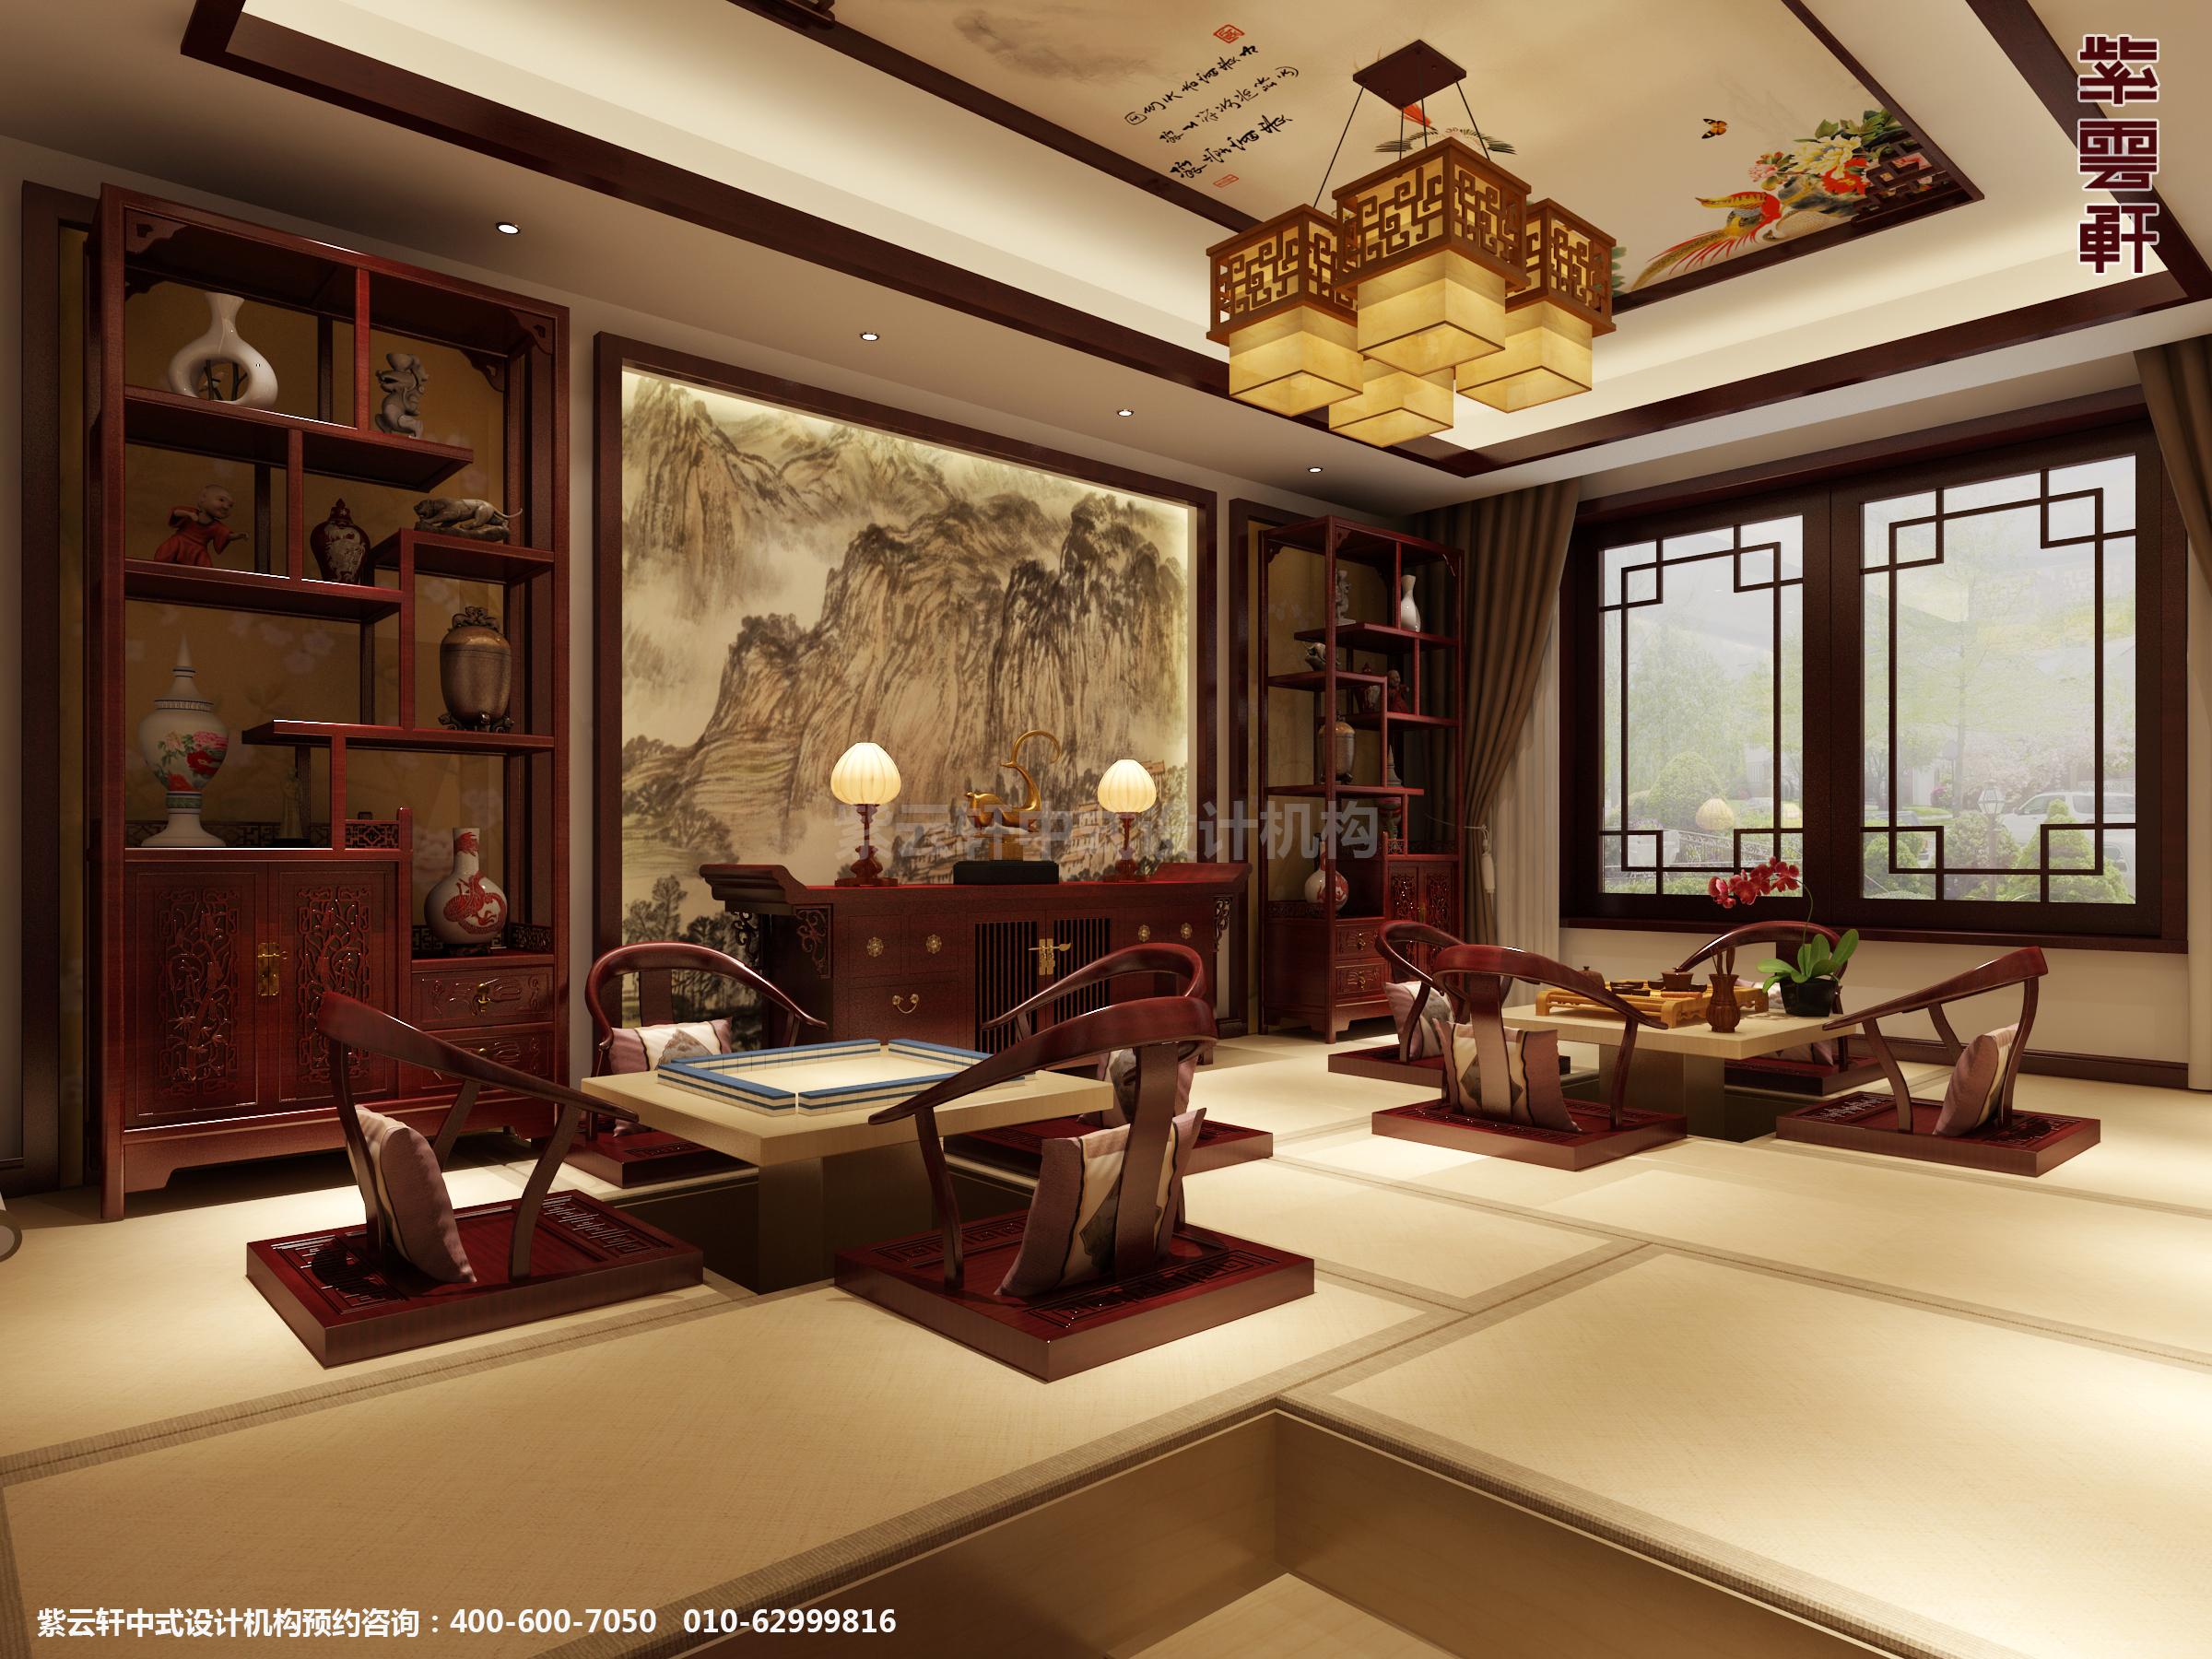 邢台别墅古典中式设计案例,茶室中式装修效果图